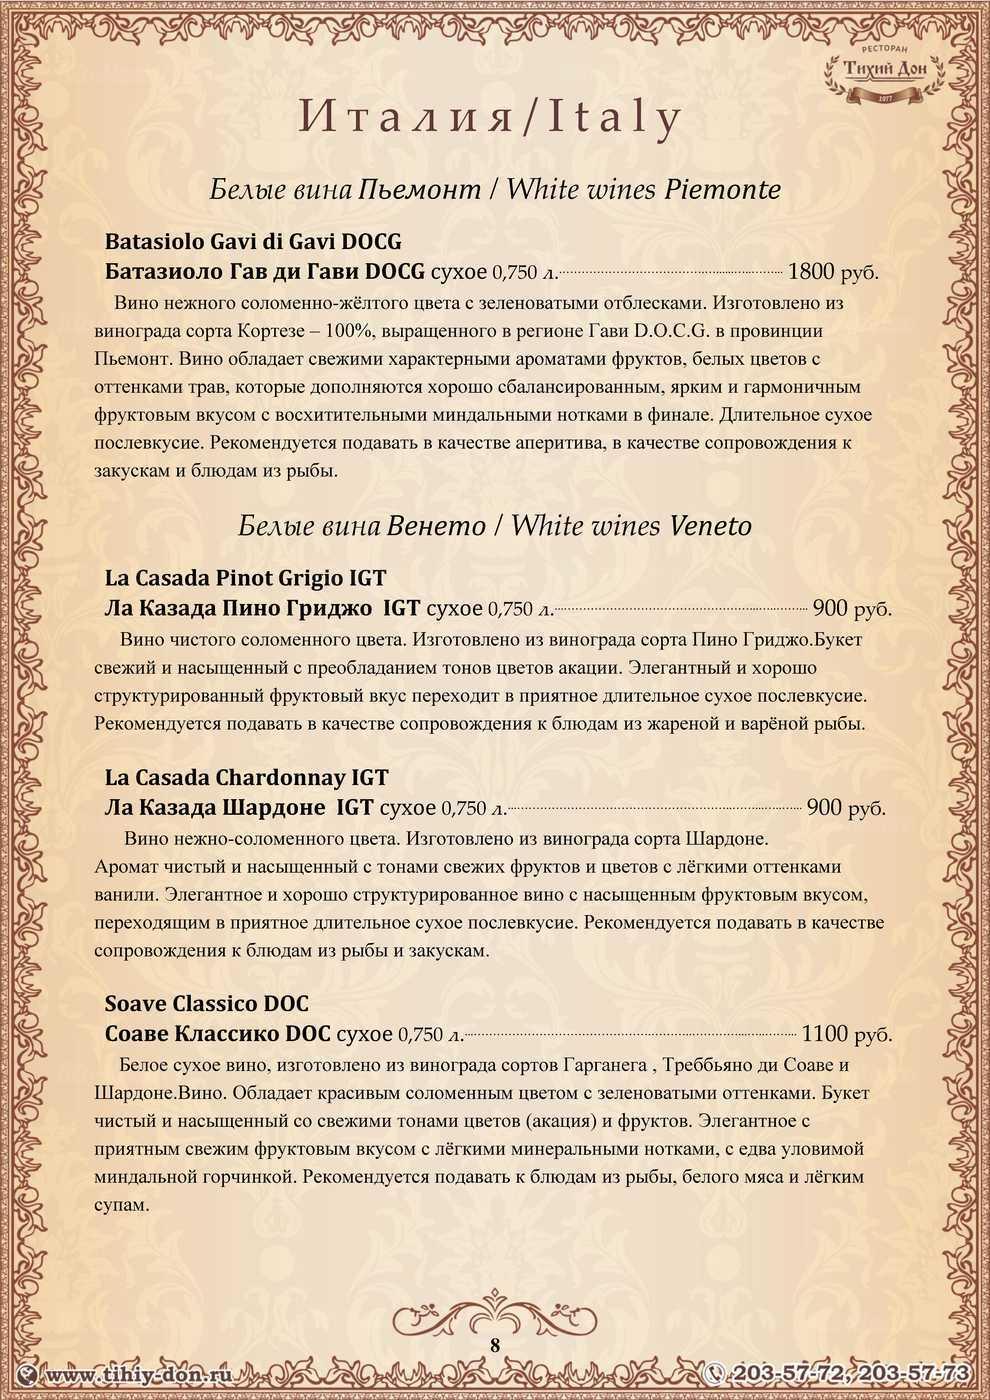 Меню ресторана Тихий Дон в Береговой фото 53